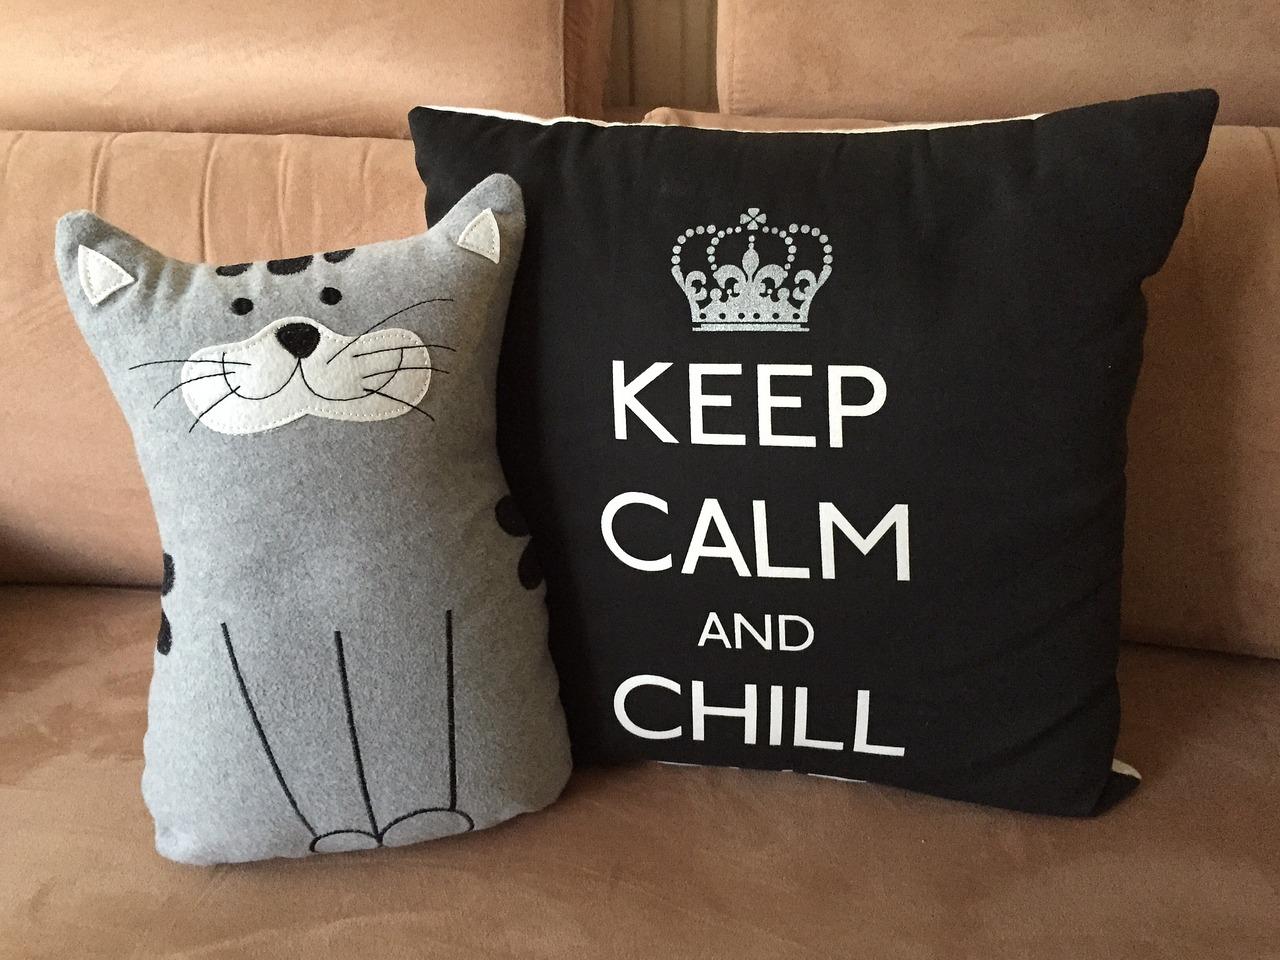 Calm a stressed cat